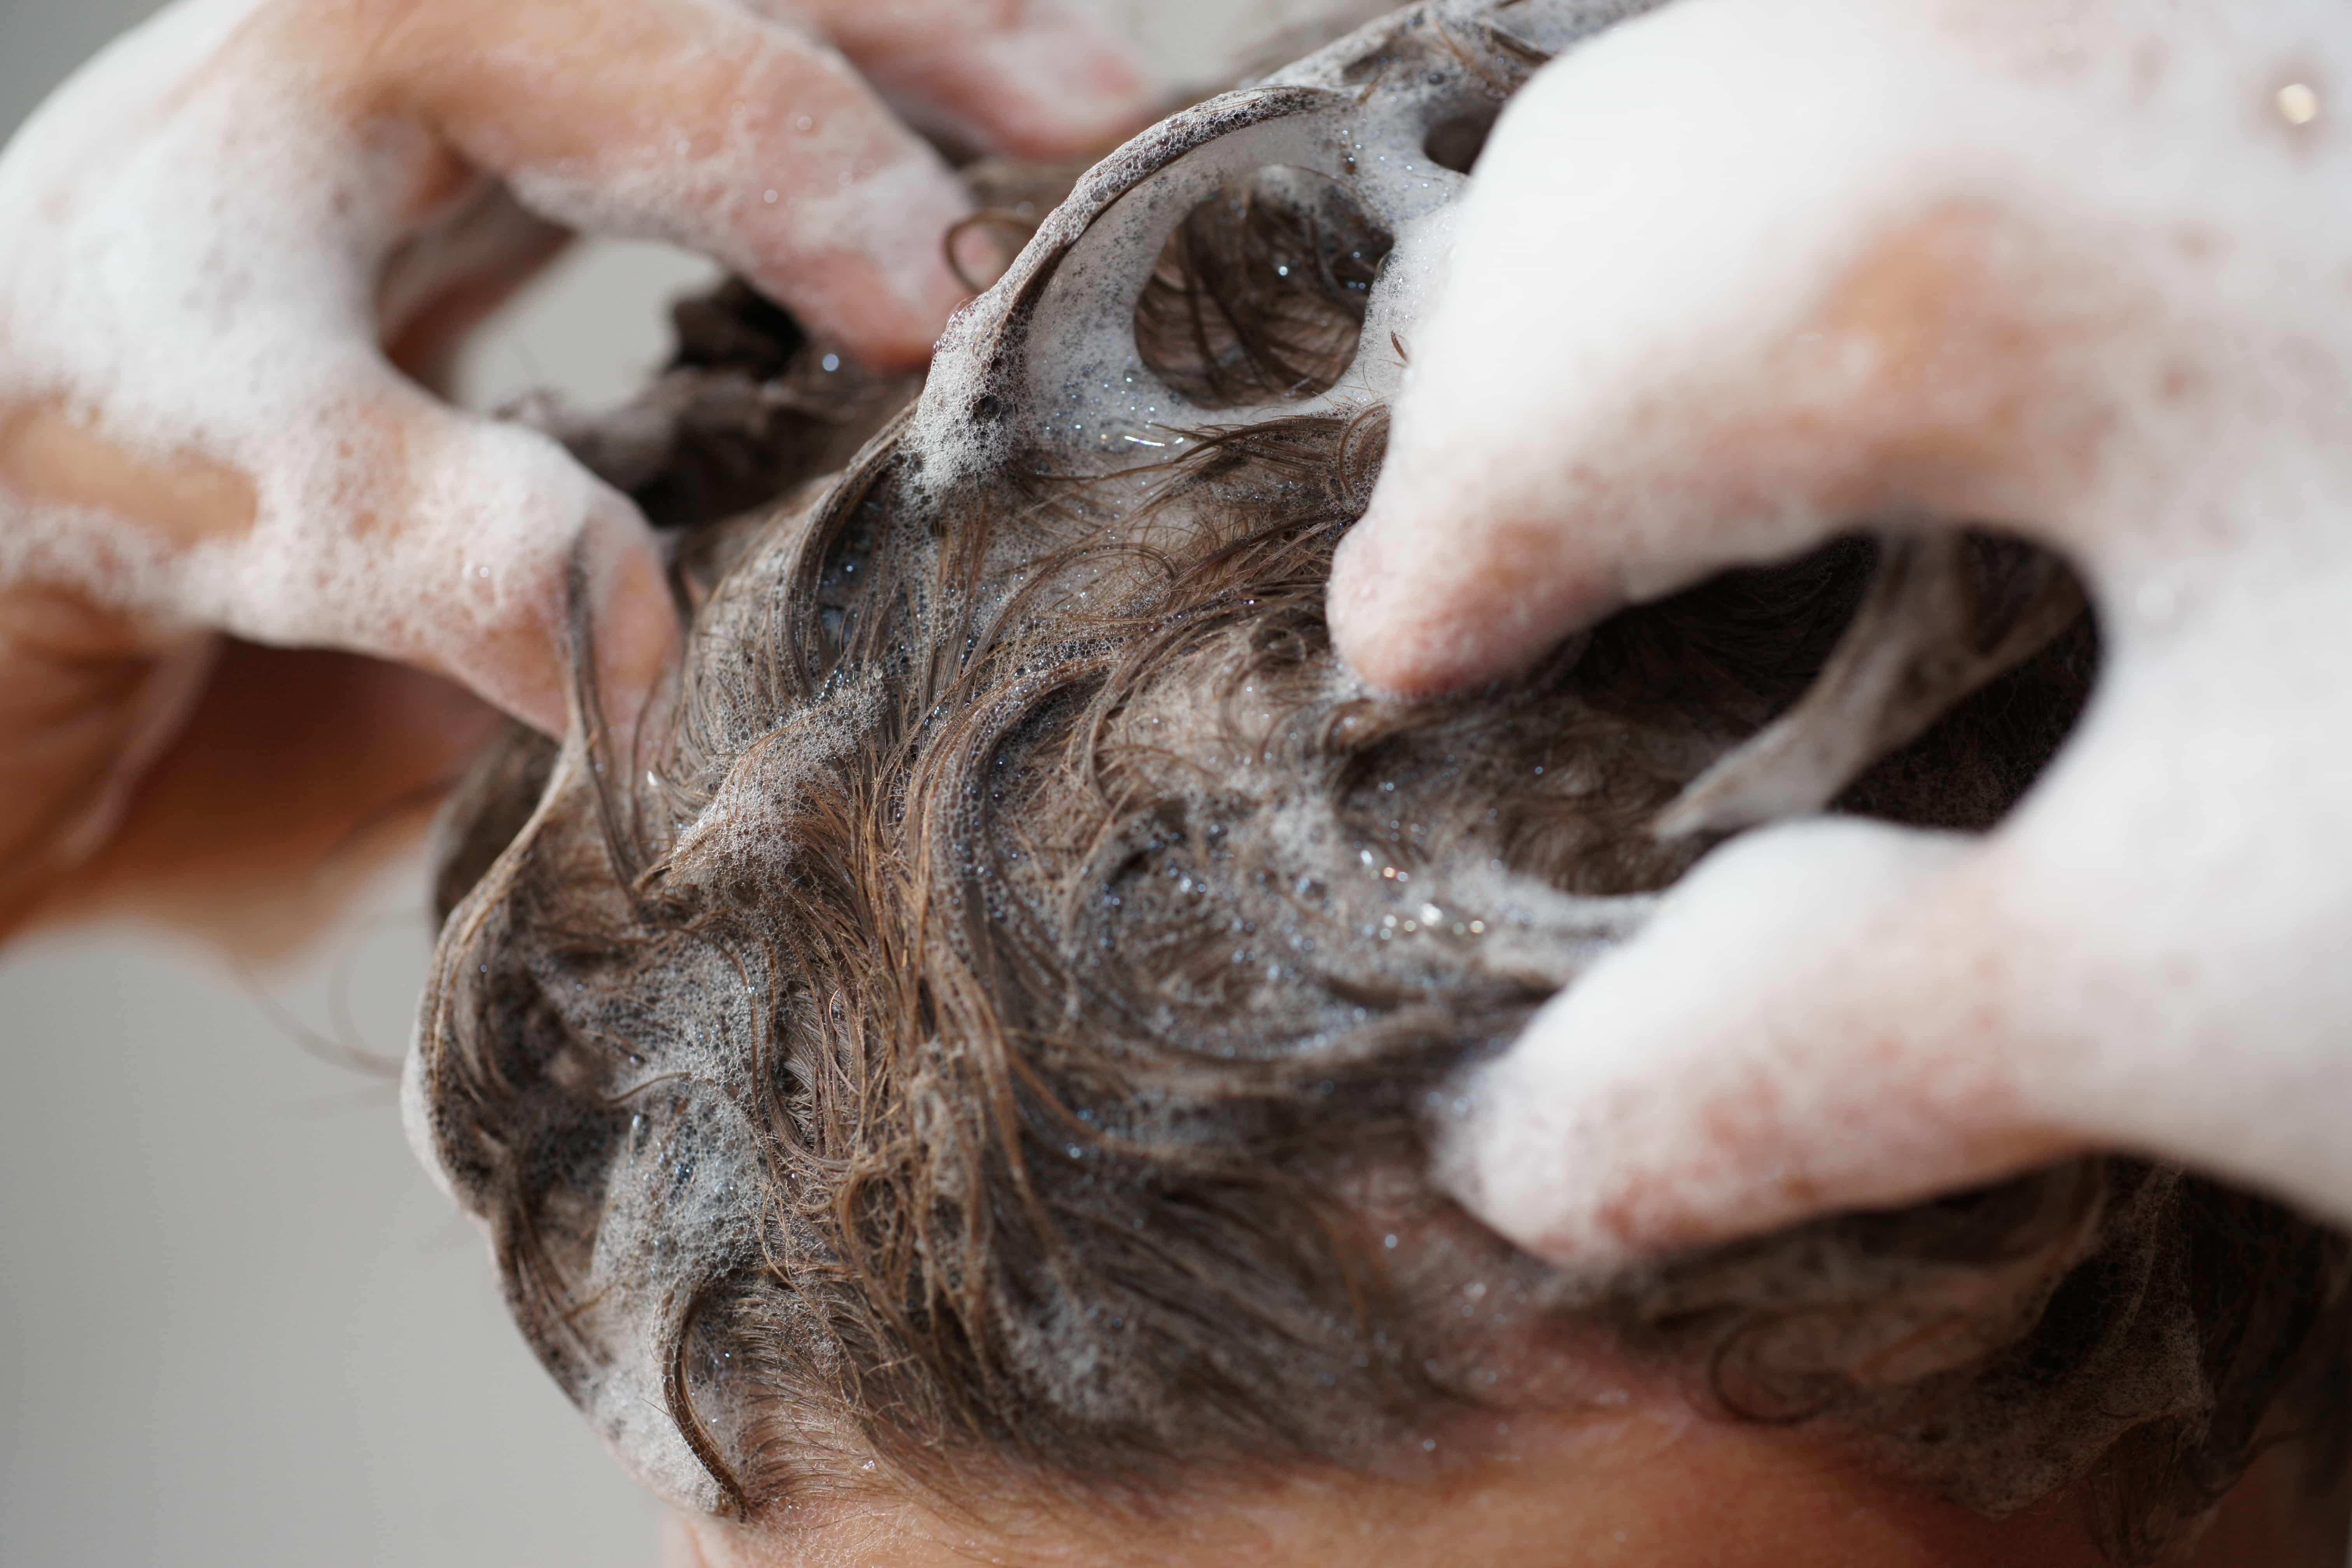 髪をシャンプーする手